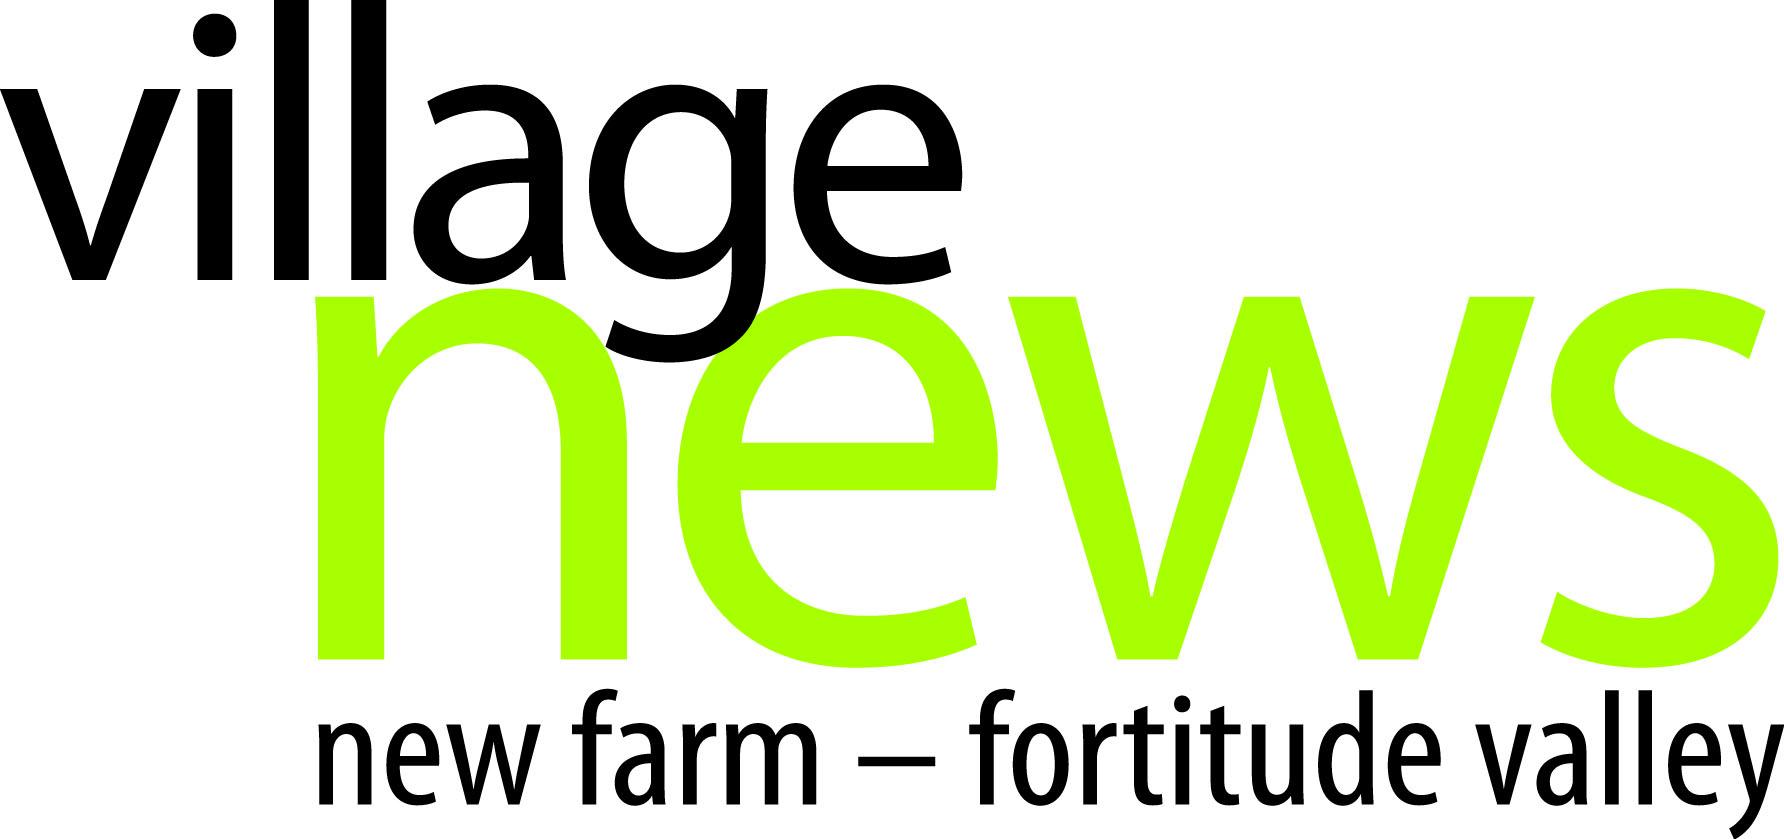 villagenews_logo.jpg